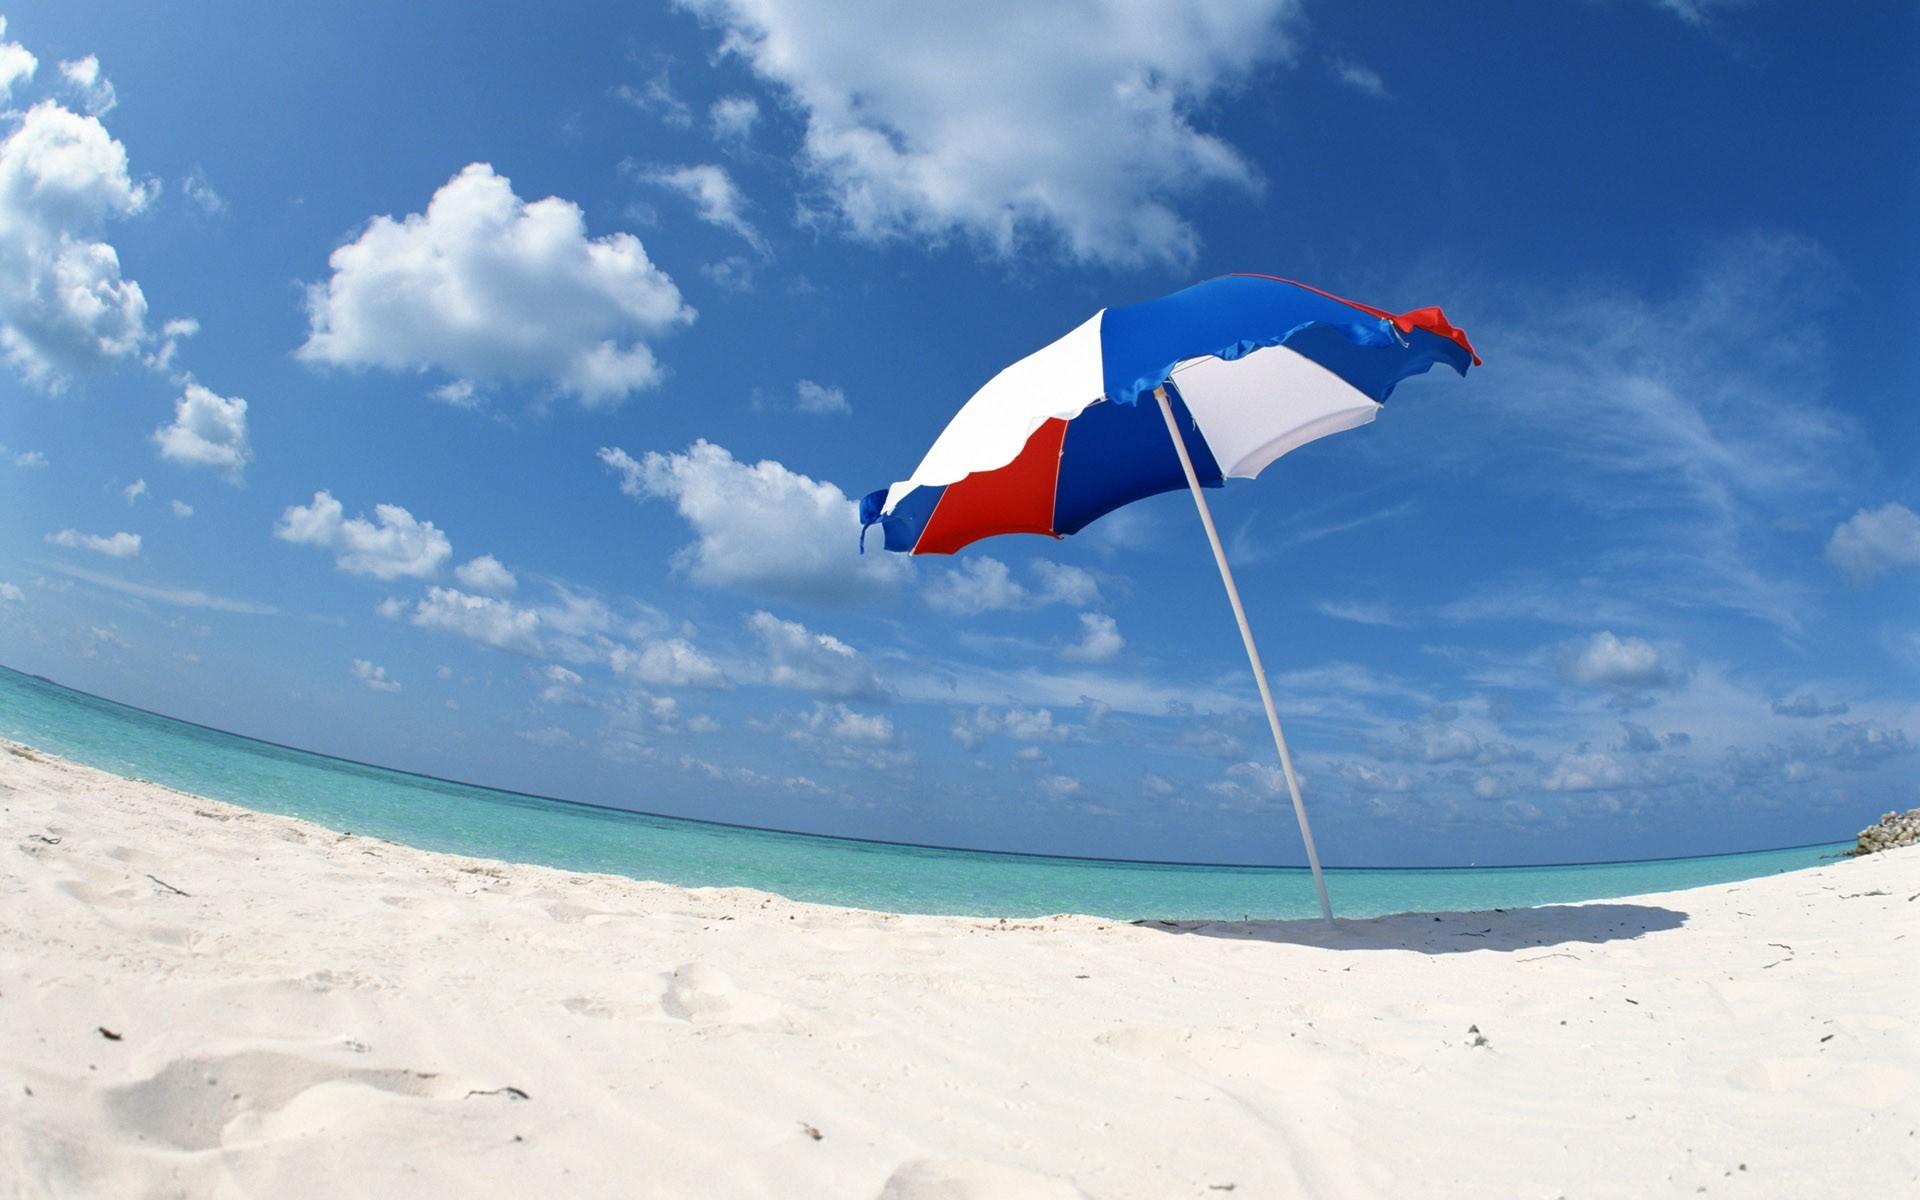 Пляж с желтыми зонтами  № 1497383 загрузить